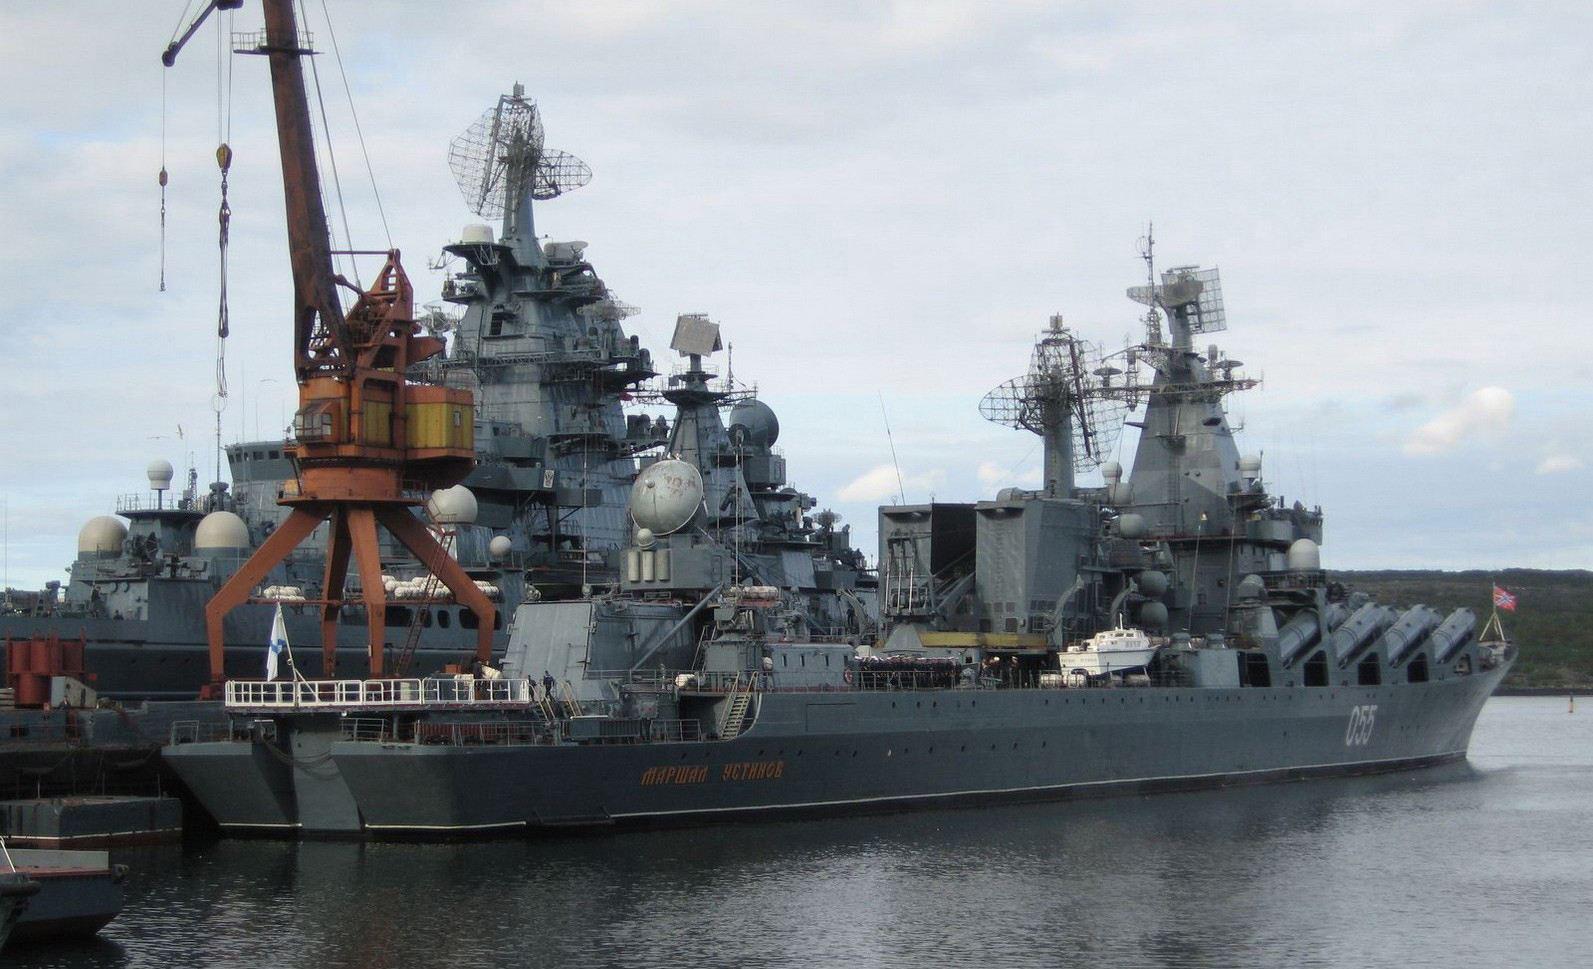 055號巨艦調轉目標,真正對手不再是美海軍,警告立竿見影_武裝